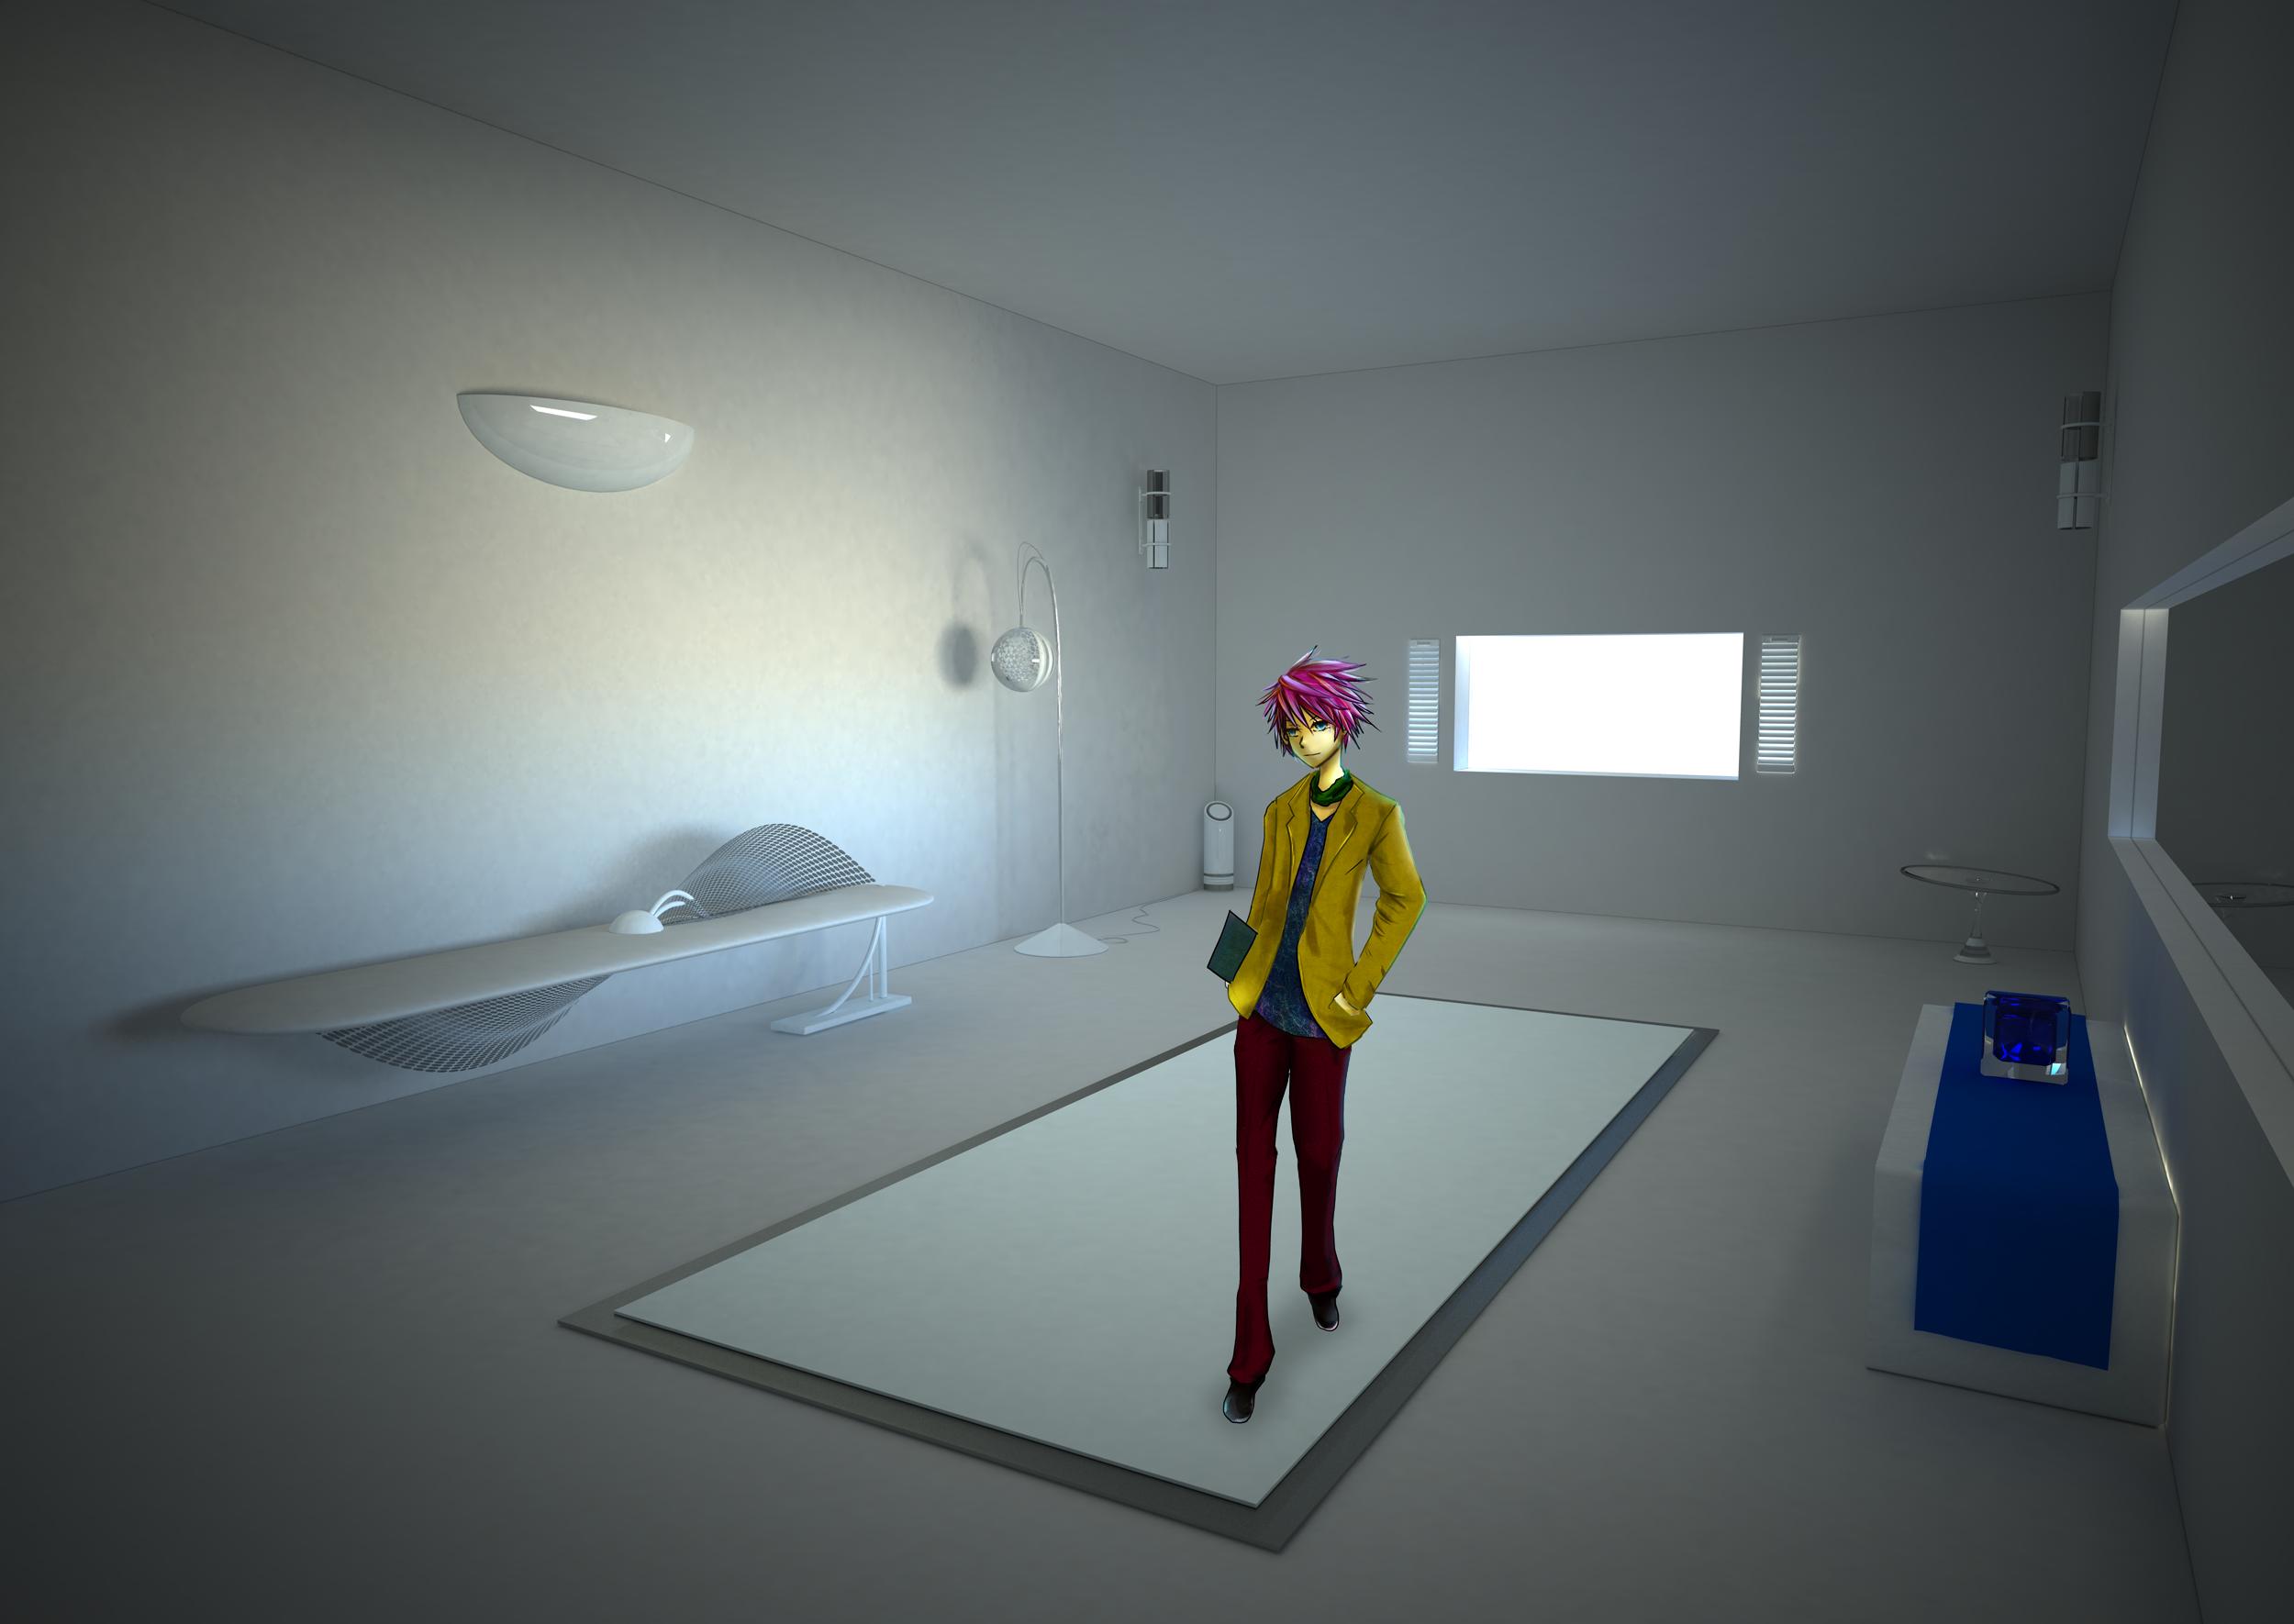 model room by Waterdroplet-s